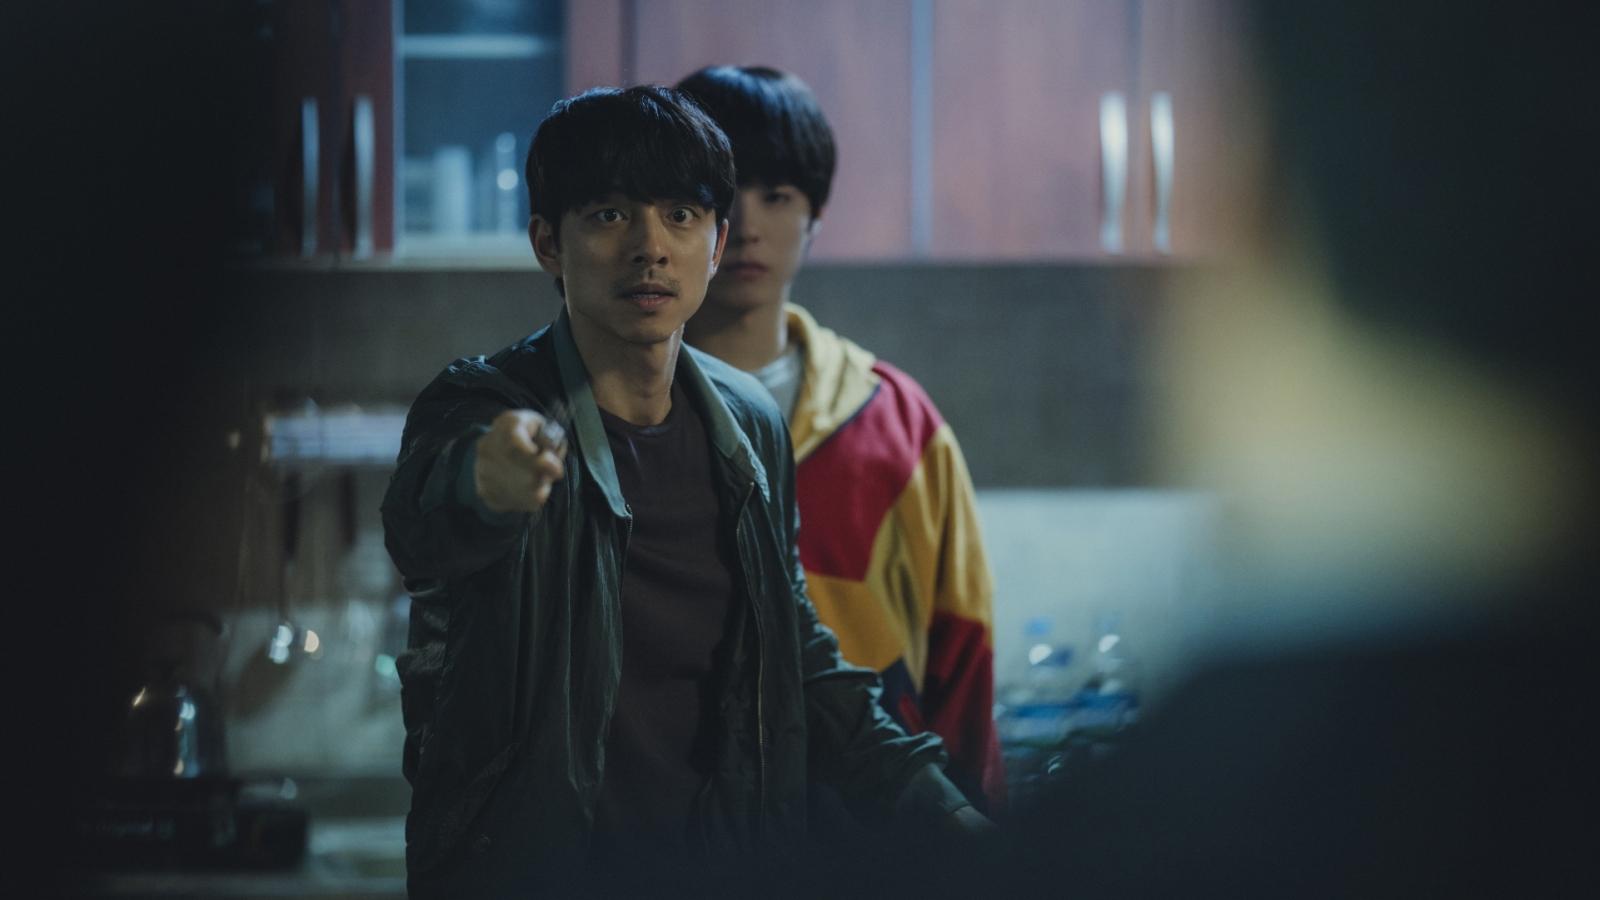 """Bật mí những điều thú vị xoay quanh """"bom tấn"""" của Gong Yoo, Park Bo Gum"""